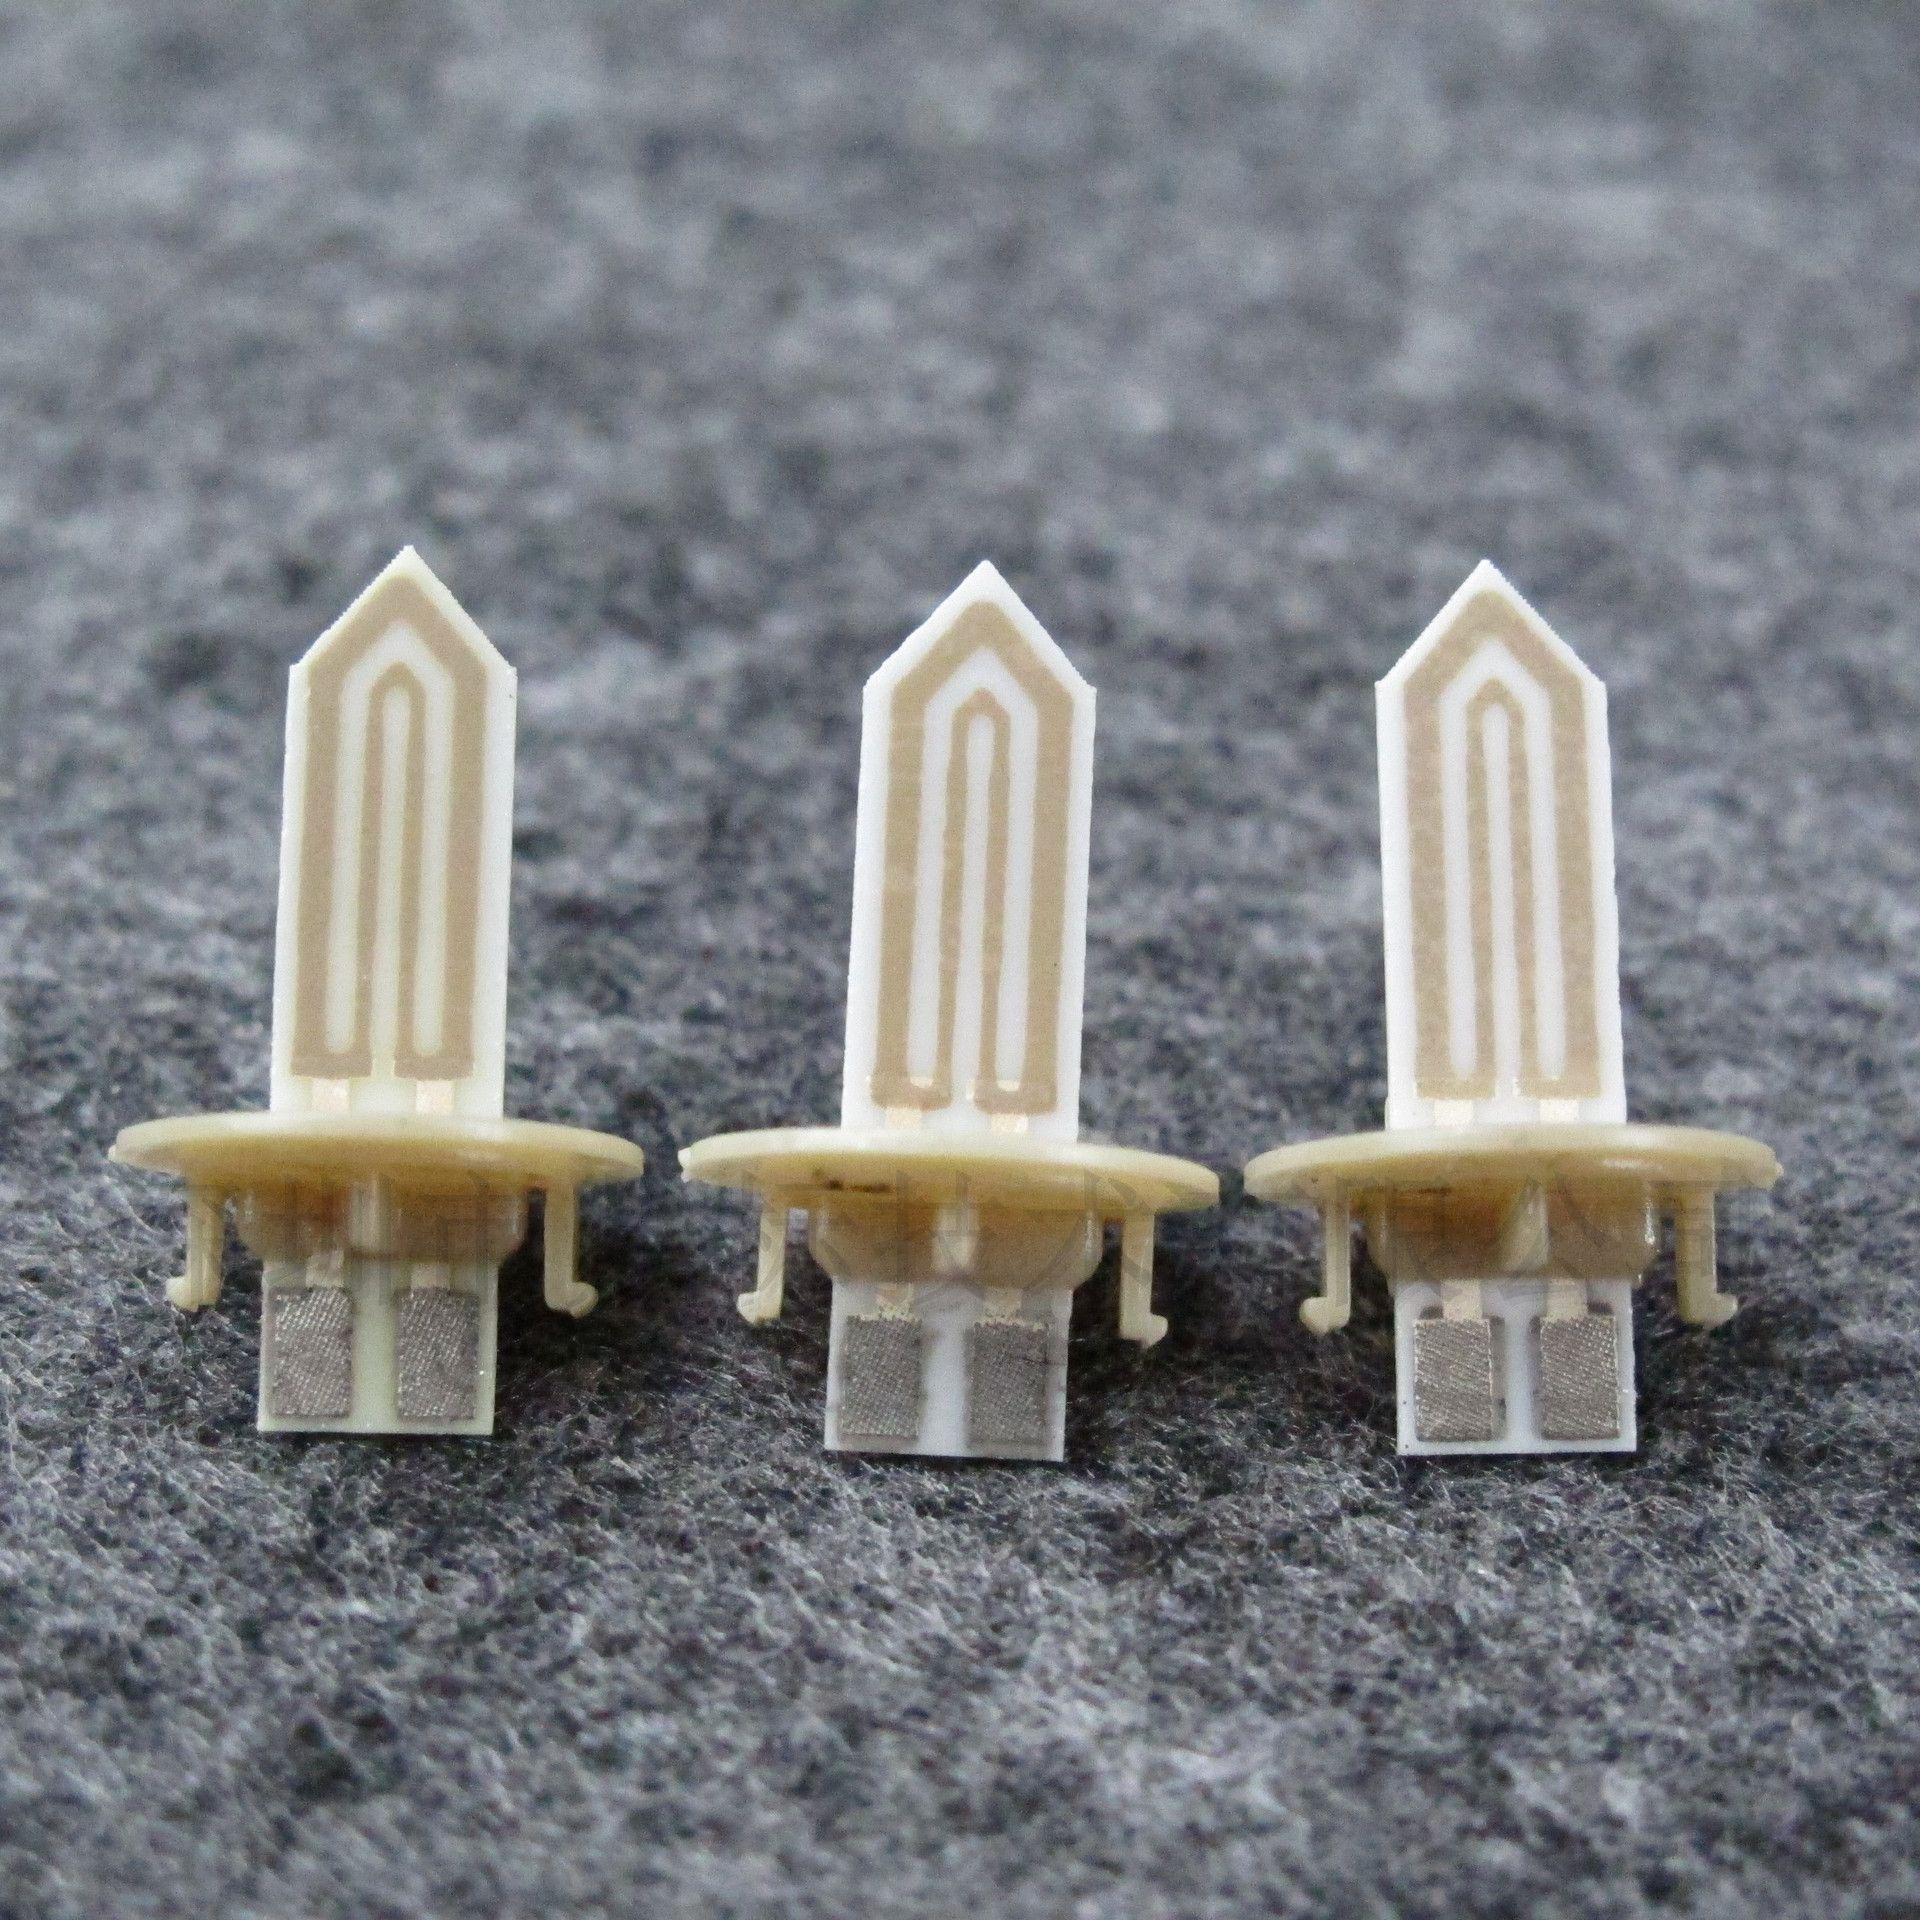 Accessoires de réparation de rechange Platine de chauffe en céramique dorée Platine Chauffe-lame en céramique pour IQOS 2.4 Plus Cigarette Bâton thermique